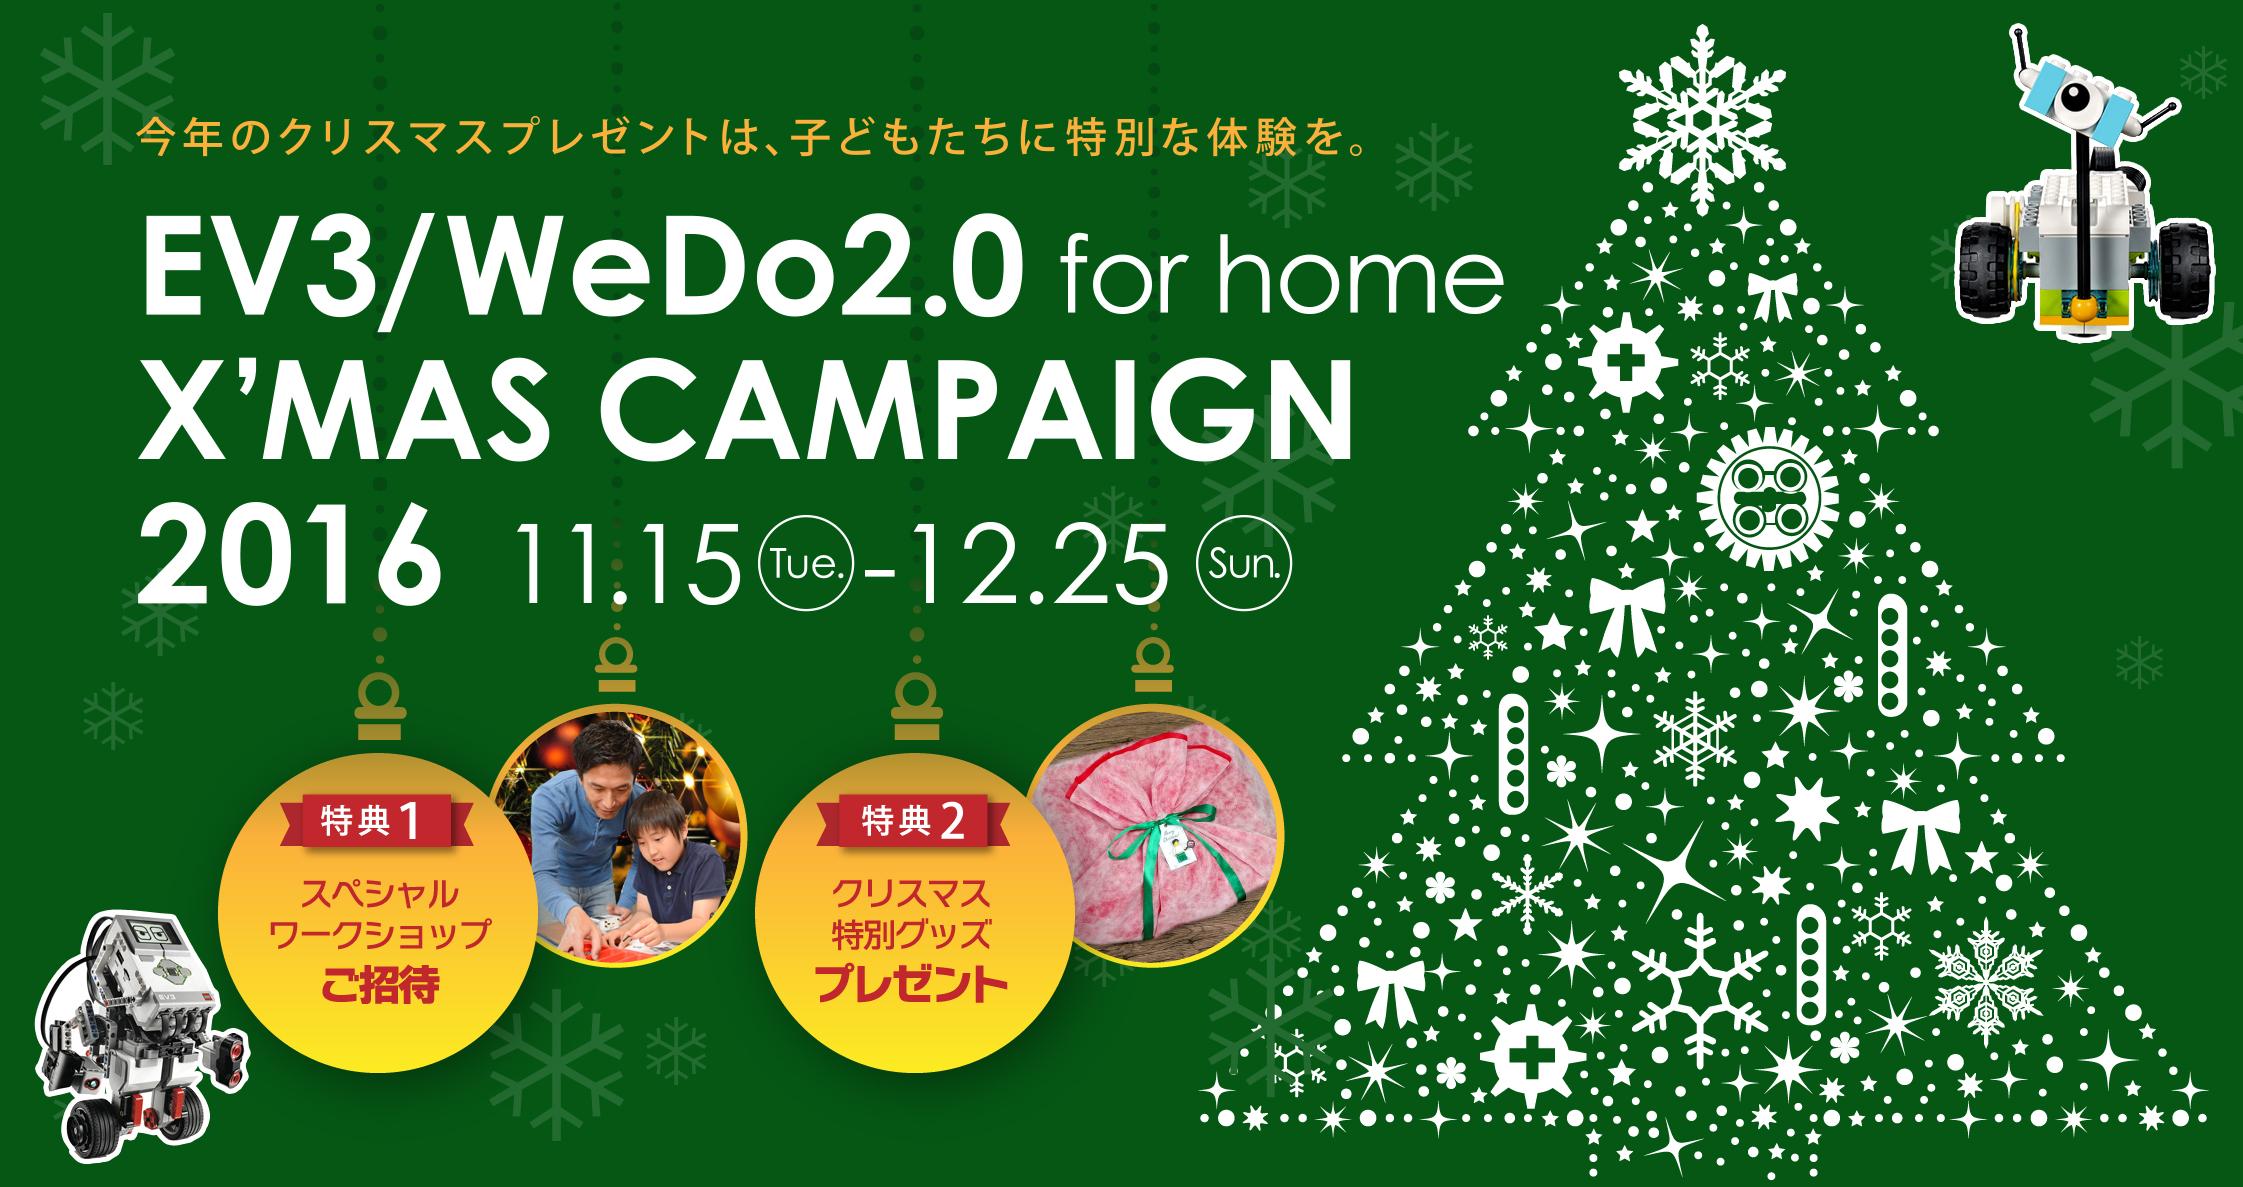 レゴエデュケーション製品を使用した家庭学習用 プログラミング教材, クリスマス キャンペーン開始 http://www.ev-3.net/2016christmas/